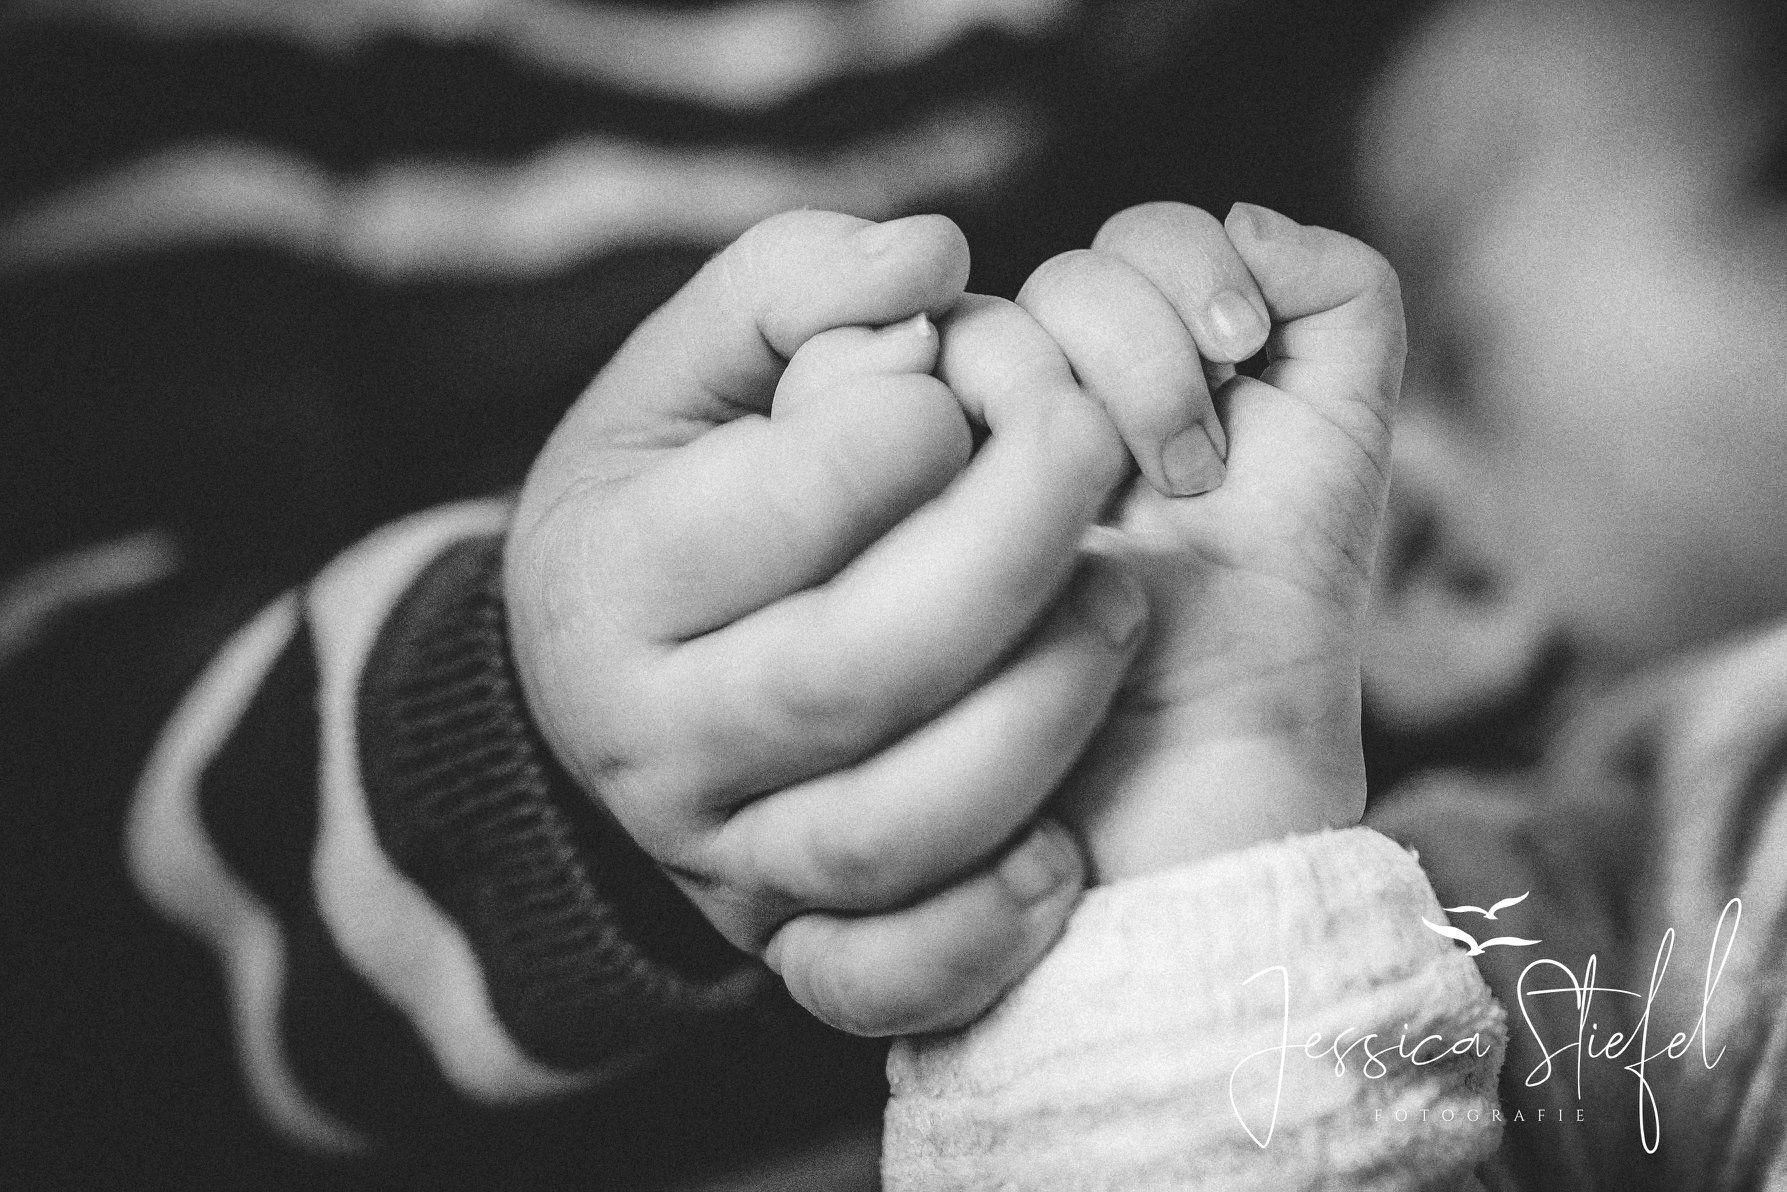 #familienshooting#kinderfotografie#babygirl #fotografie#shooting#love#photography#fotoshooting#blackforest#chasinglight#makemoments#vscocam#postmoreportraits#justgoshoot#makemoments#toldwithexposure#acolorstory#livethelittlethings#thehappynow#exploremore#naturphotography#naturshoot#smileeveryday#babyfotoshooting#babymodel